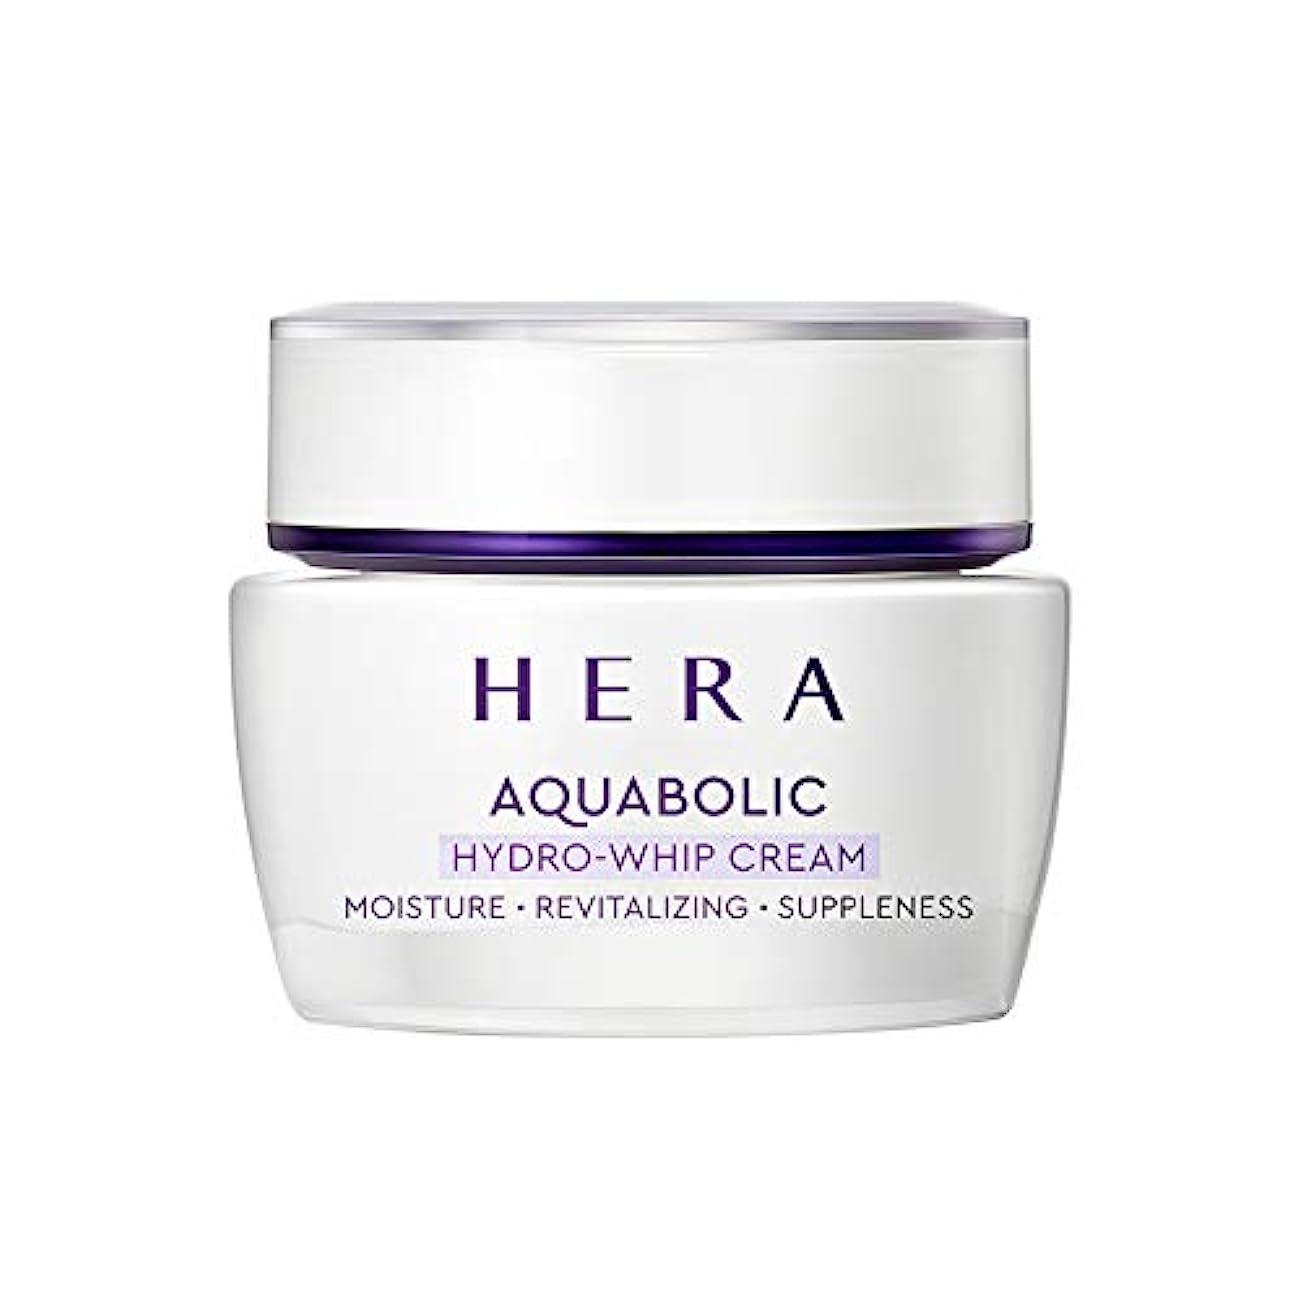 アパートベーリング海峡想像力豊かな【HERA公式】ヘラ アクアボリック ハイドロ-ホイップ クリーム 50mL/HERA Aquabolic Hydro-Whip Cream 50mL